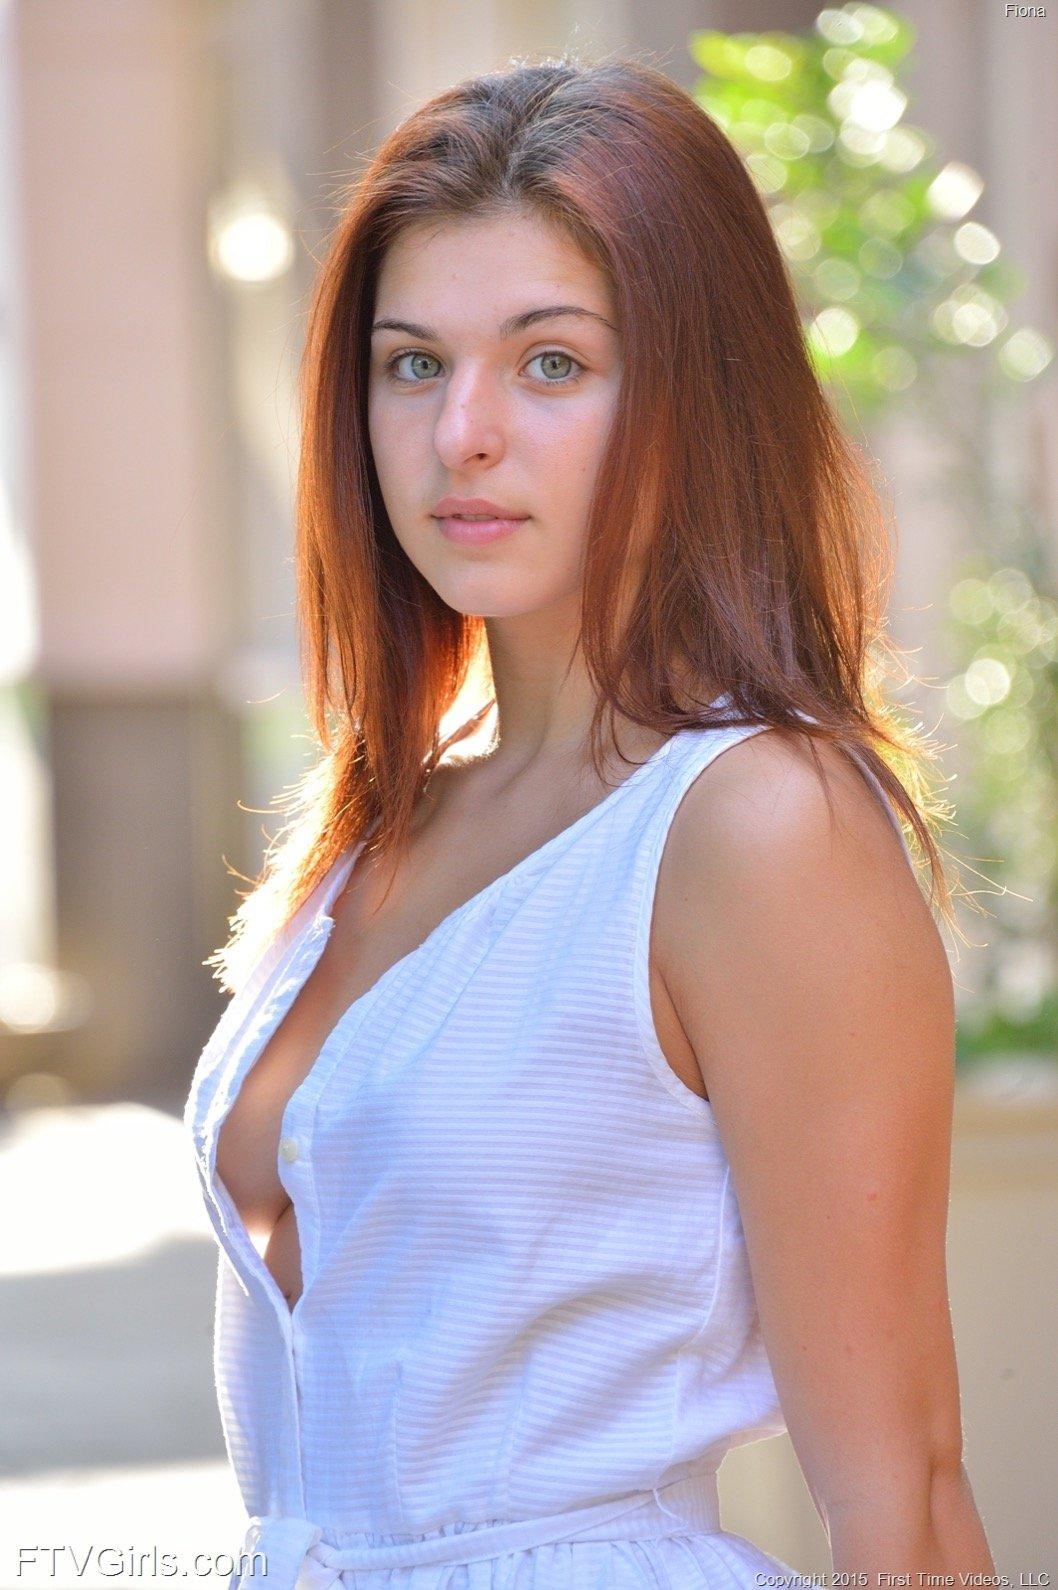 Молодая красотка в платье прогуливается по улице